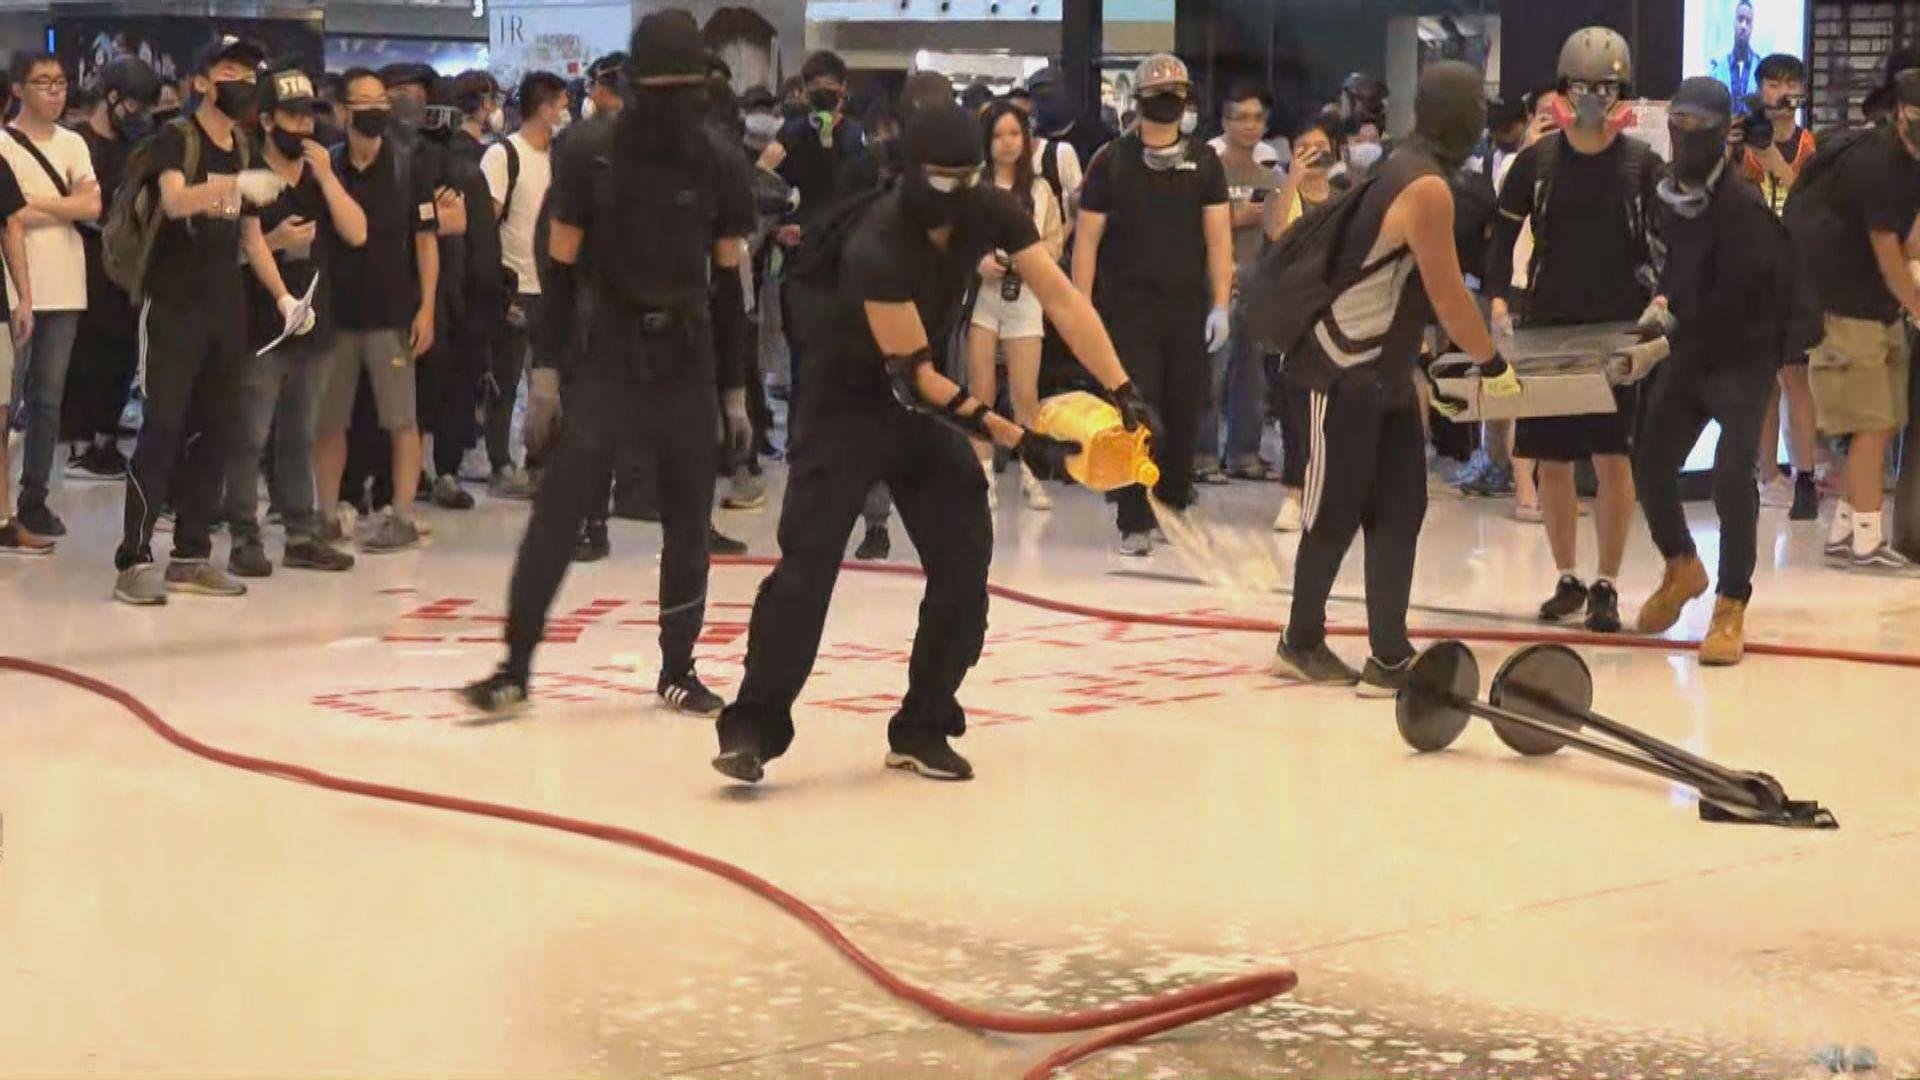 港鐵關閉沙田站 示威者繼續商場內破壞